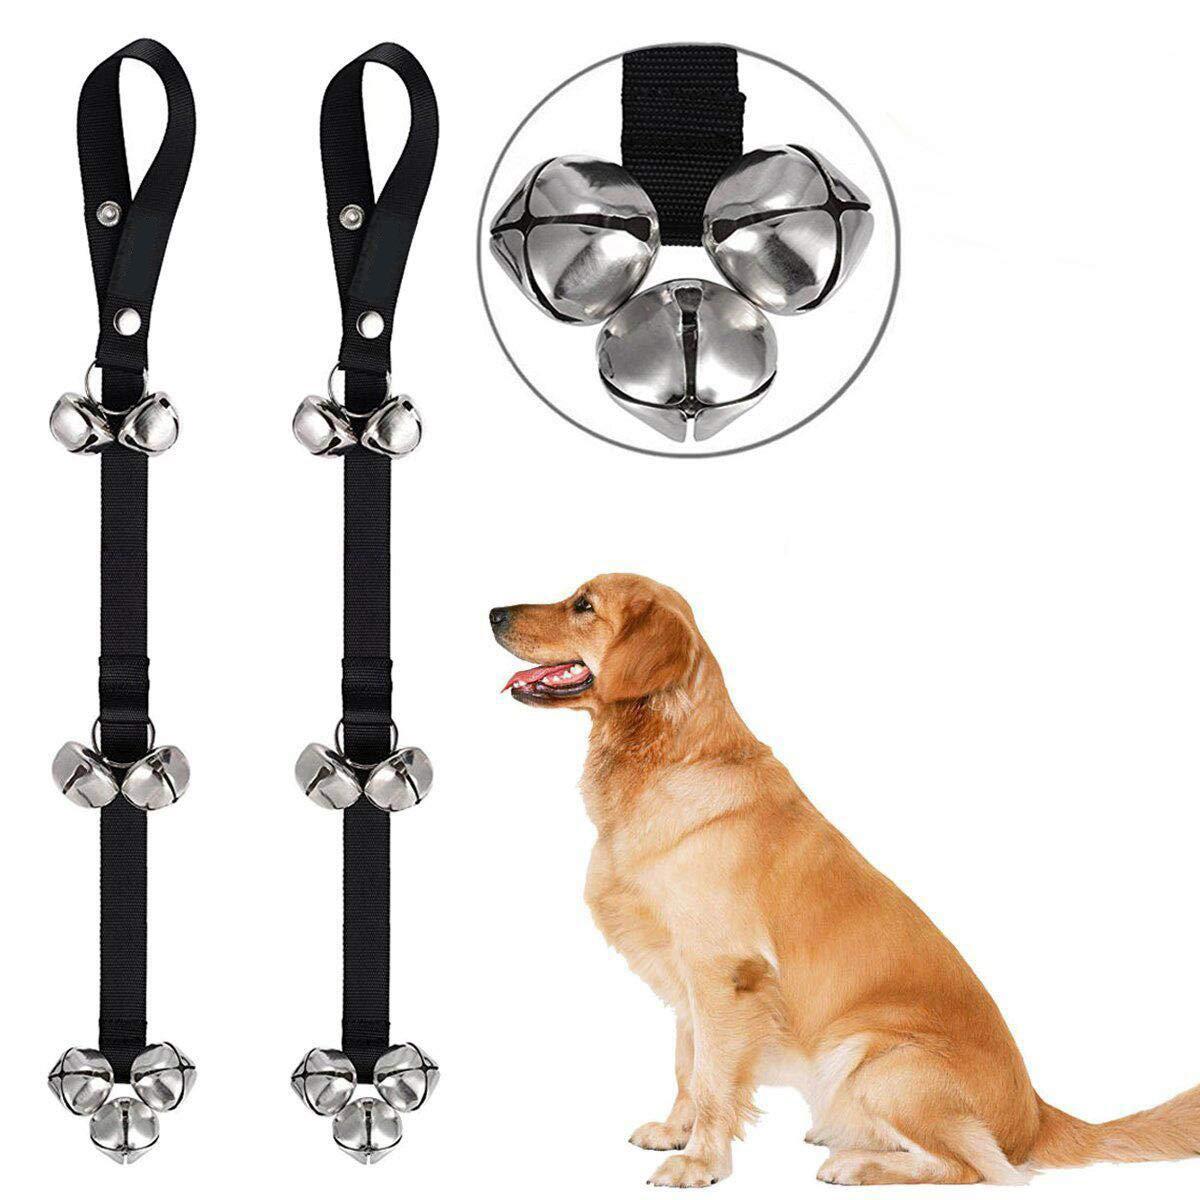 Premium Quality Pet Door Bell Adjustable Door bells for Dog